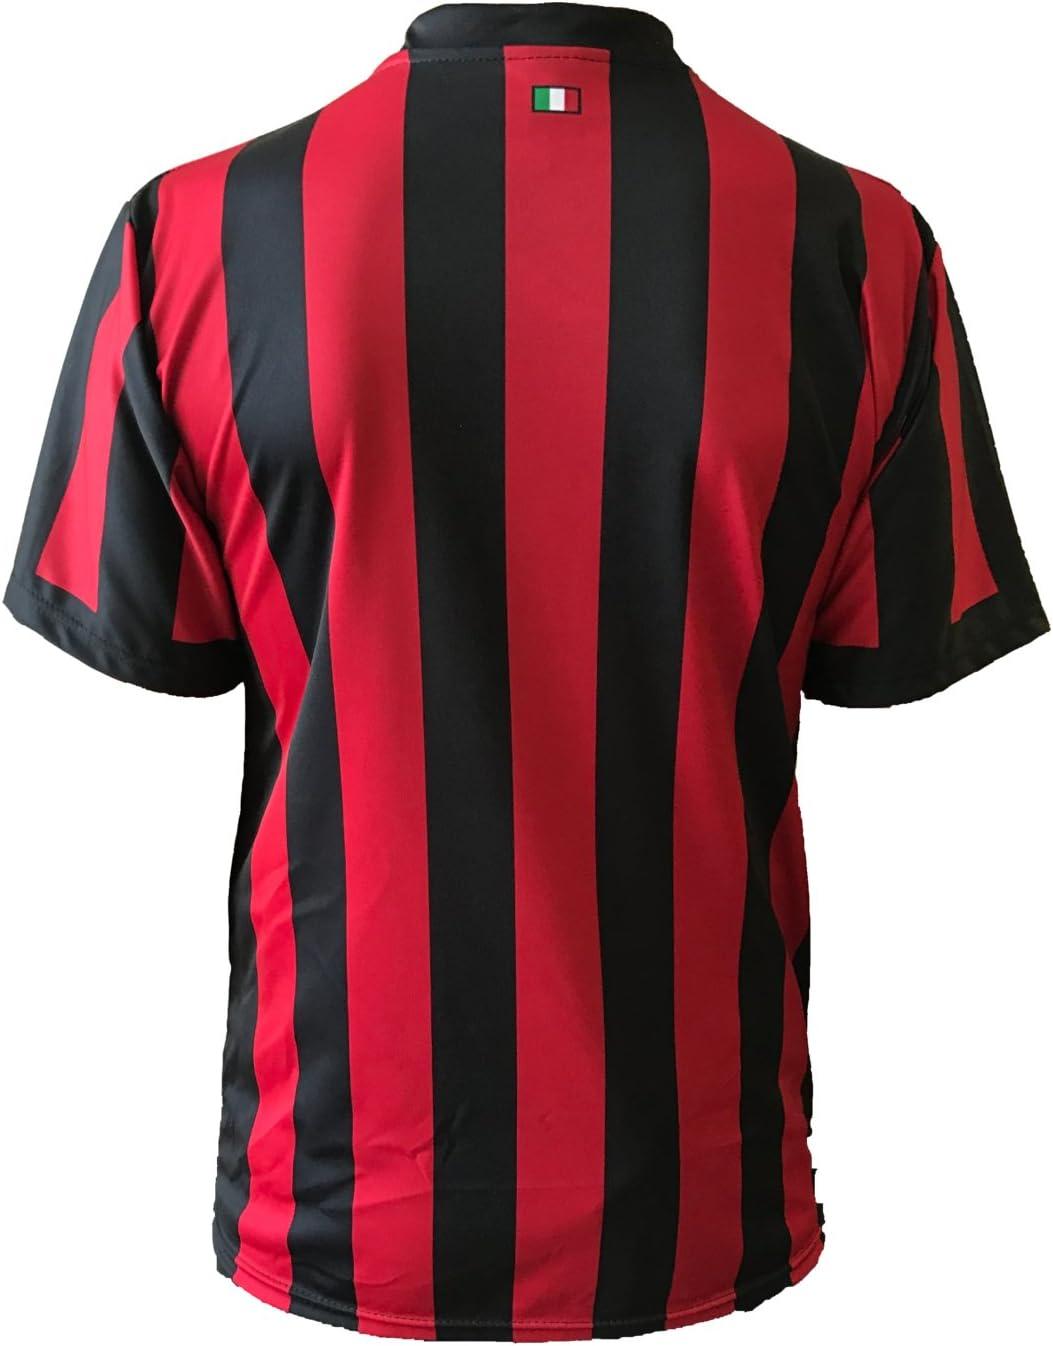 3R SPORT S.R.L. Camiseta Milan Neutra 2017-2018 Réplica Autorizada Niño Adulto, 6 años: Amazon.es: Deportes y aire libre